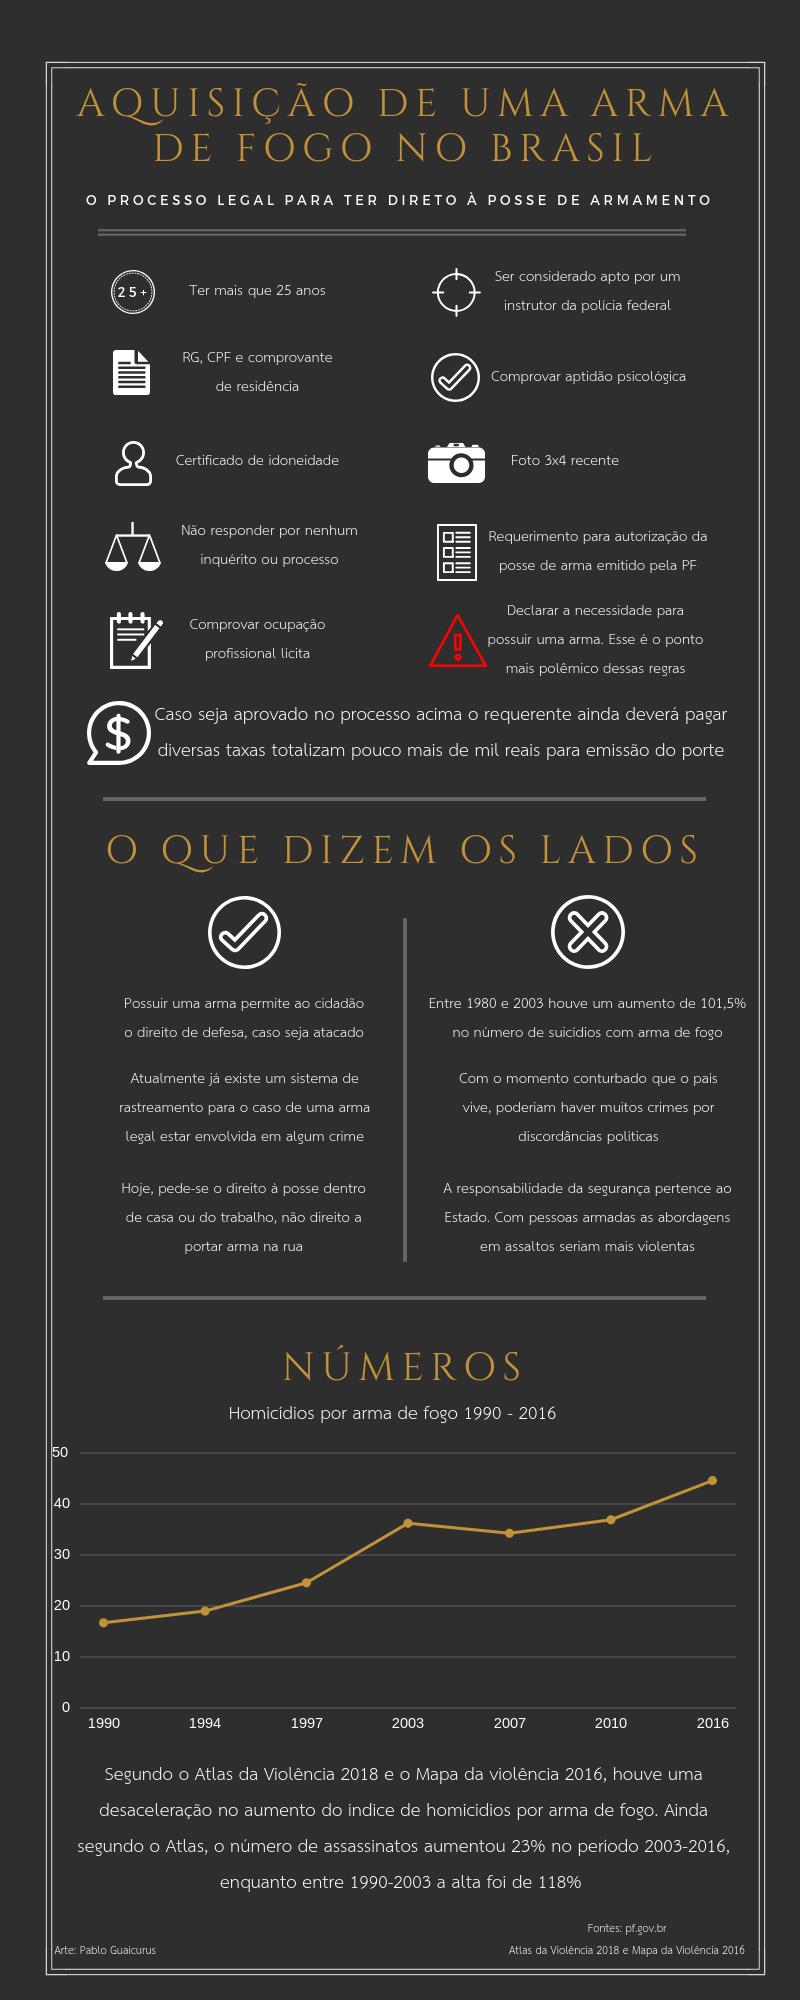 Aquisição de uma arma de fogo no Brasil